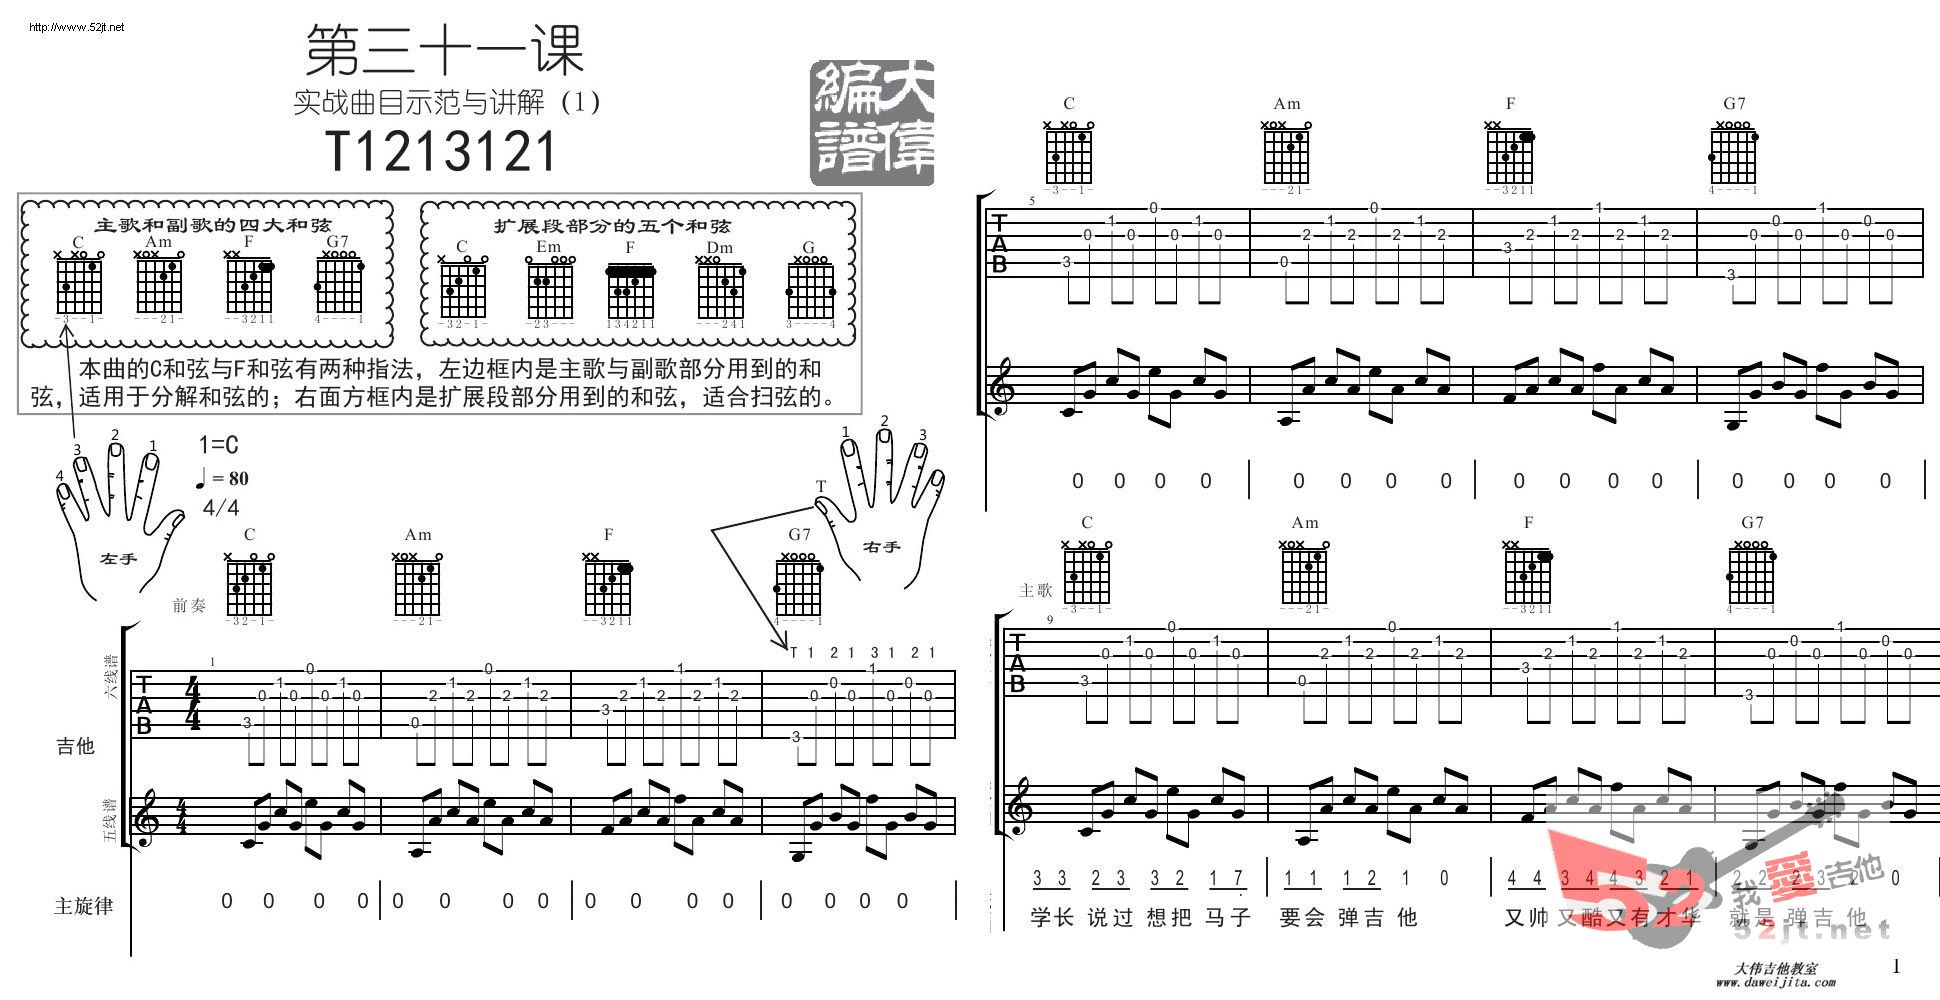 t1213121 四大和弦吉他谱视频的吉他谱 五月天 - 彼岸图片